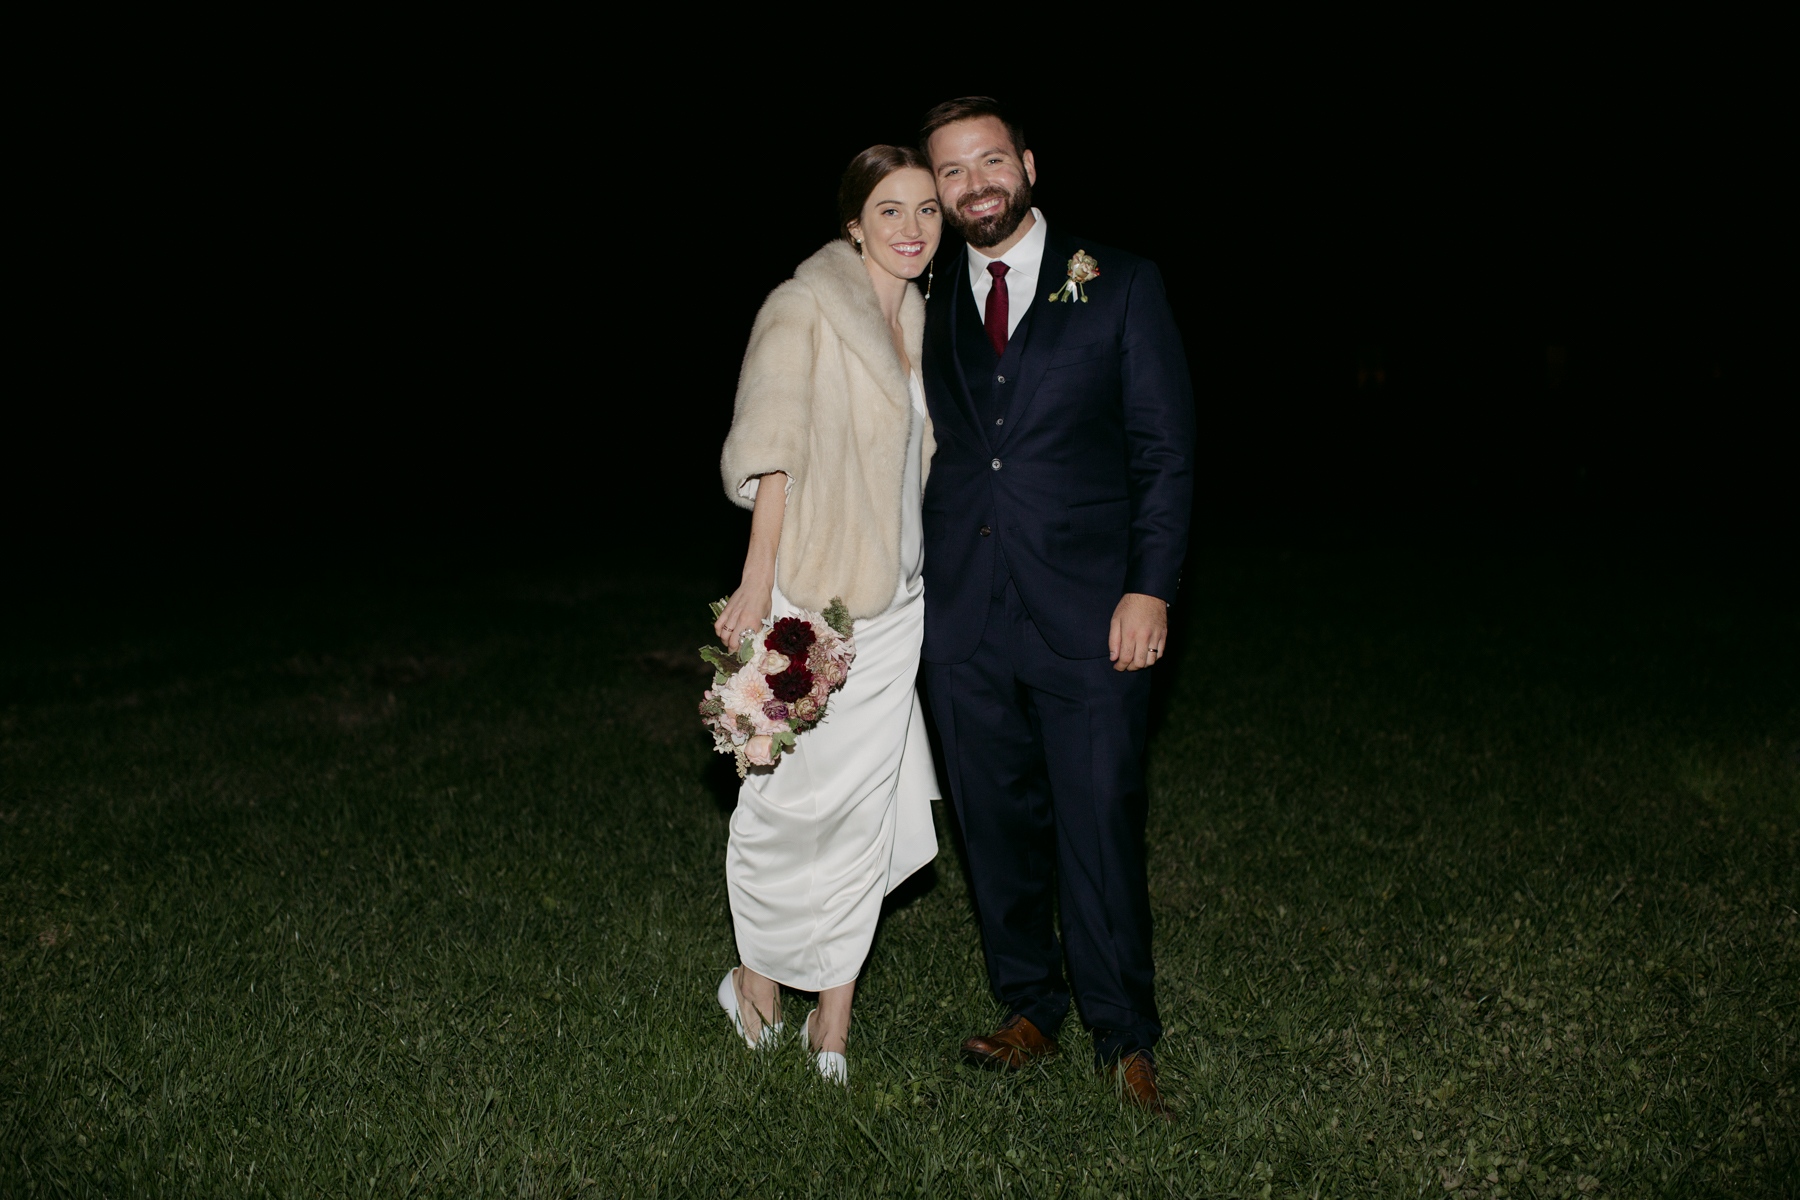 Hamilton_House_wedding_maine_Leah_Fisher_Photography-36.jpg